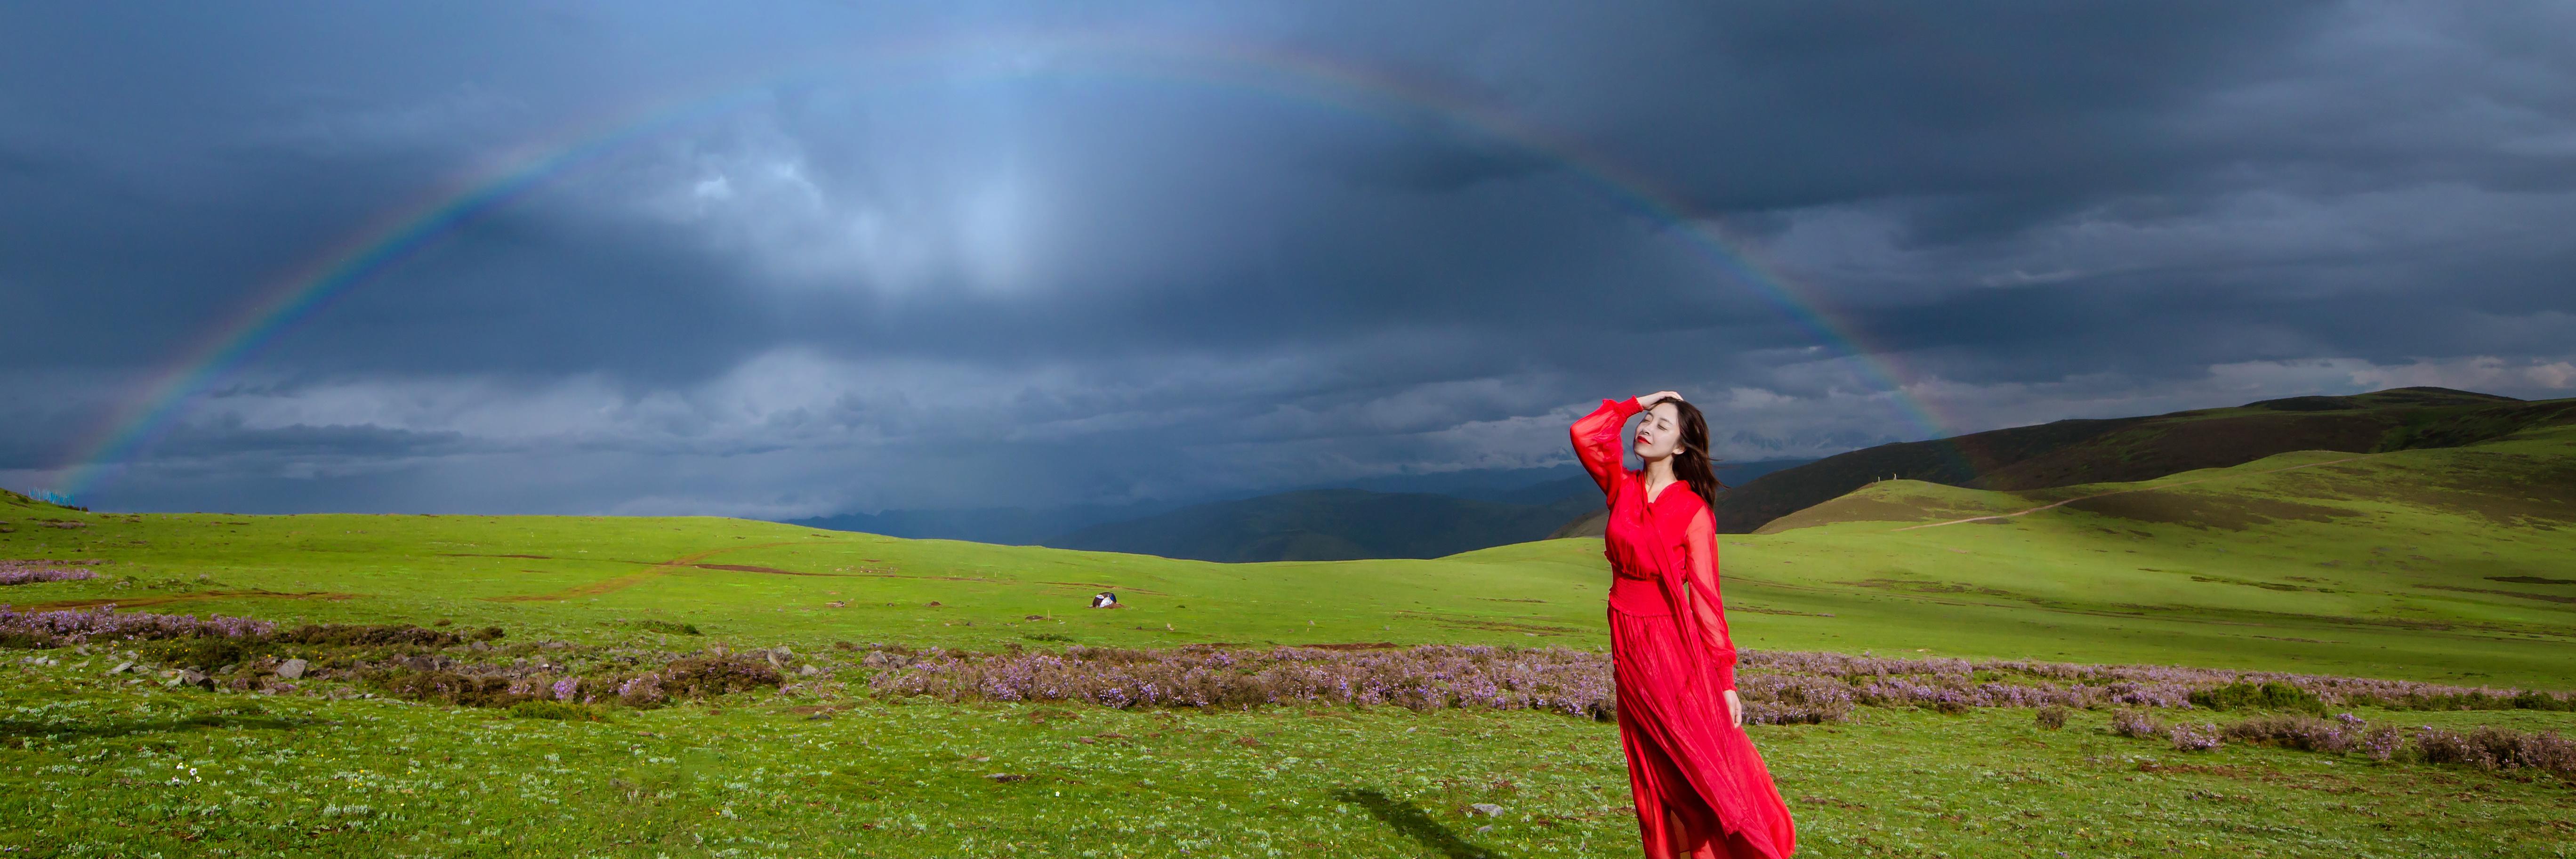 【带着大嫂去旅行第八集】同大嫂甘孜游,经历风雨邂逅彩虹。